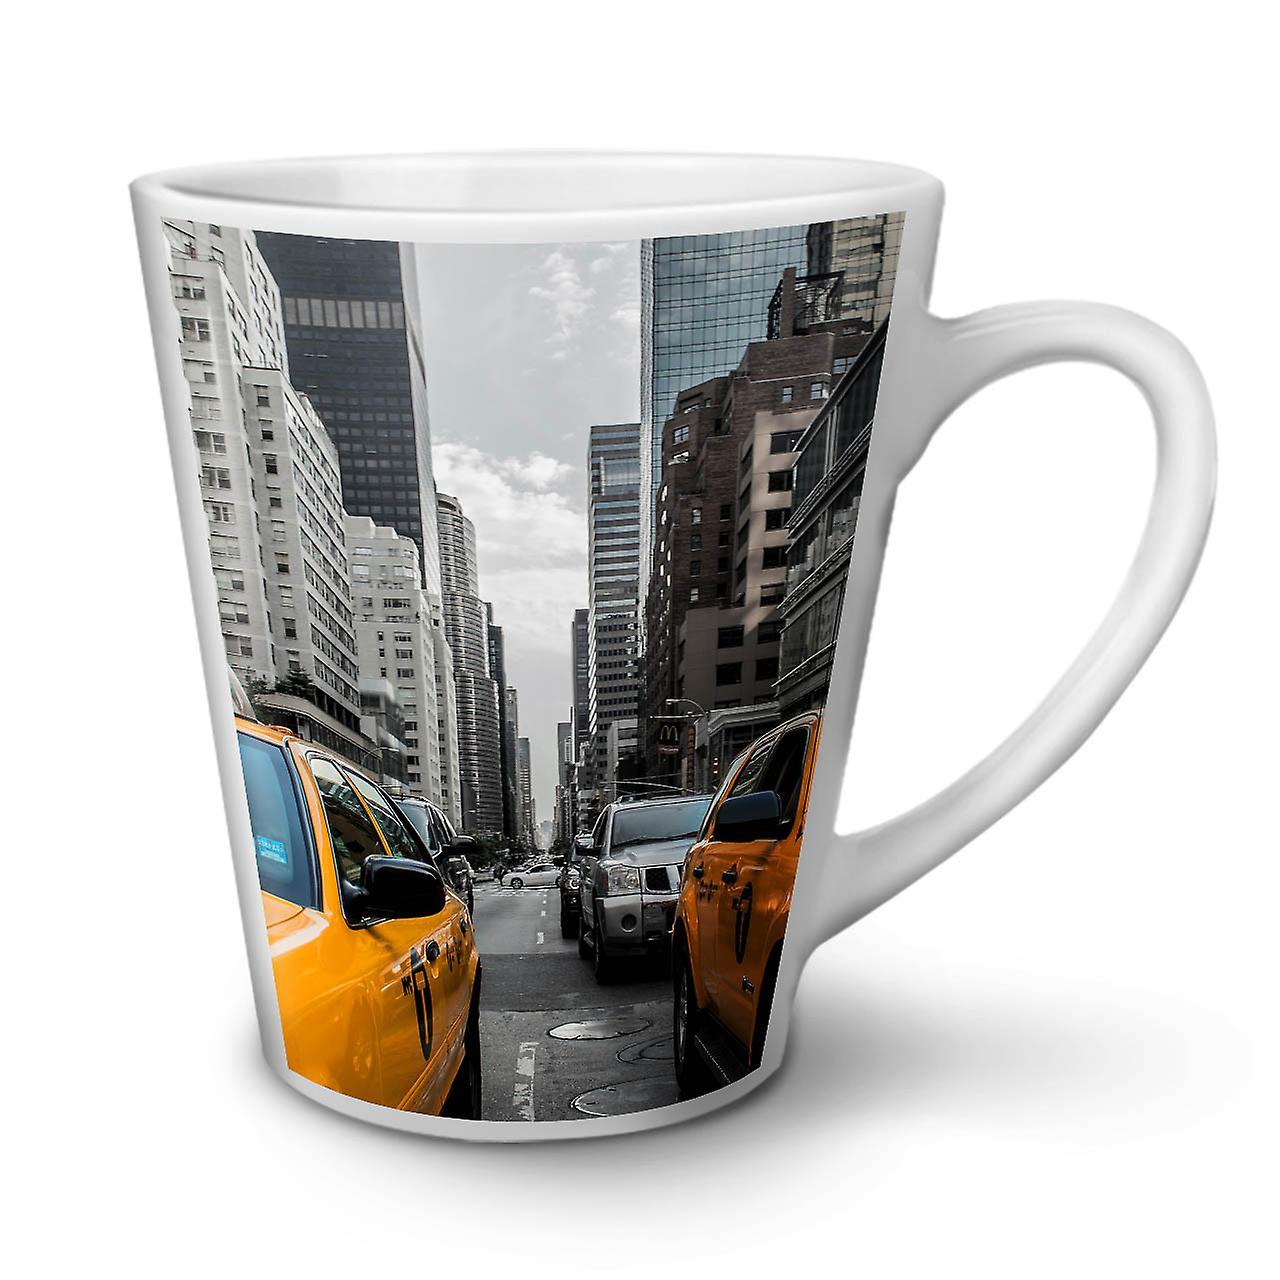 12 Blanche En Céramique OzWellcoda Café Nouvelle Taxi Usa Tasse Latte Mode Urbain toQxhrBsdC